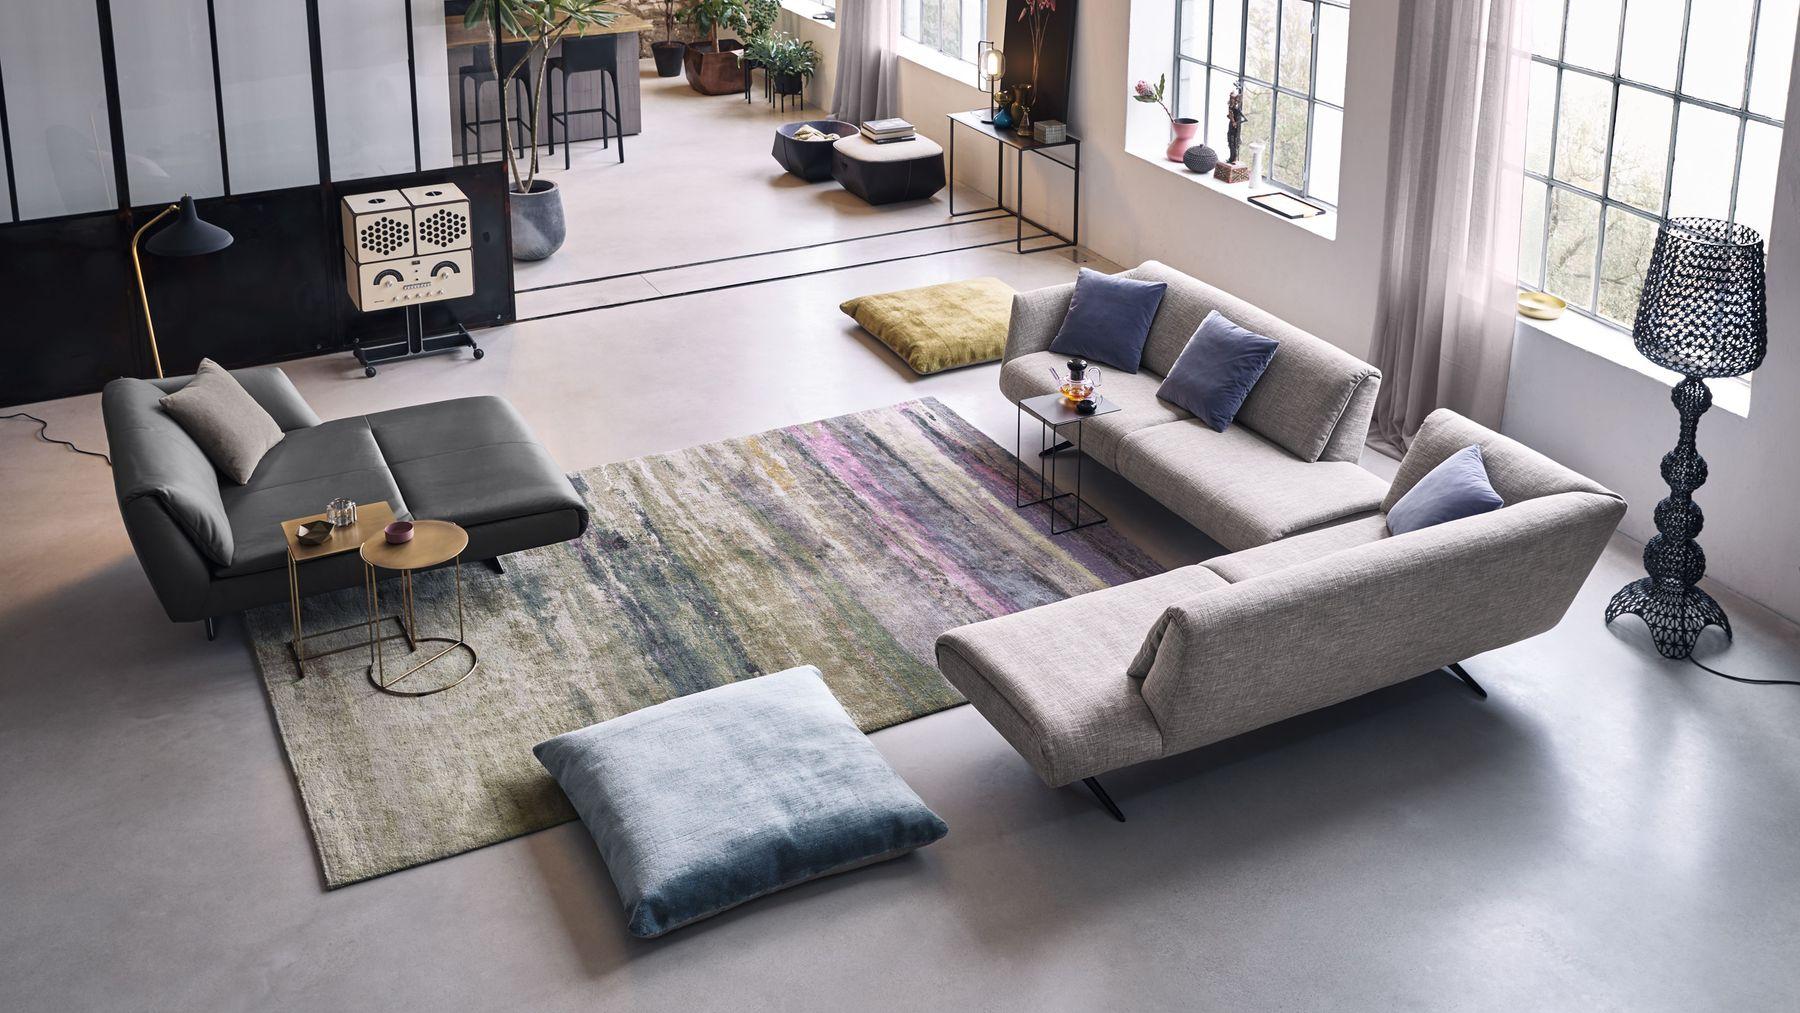 Möbel Design Luzern Ecksofa Luzern Wohnlandschaft L Sofa Stoff